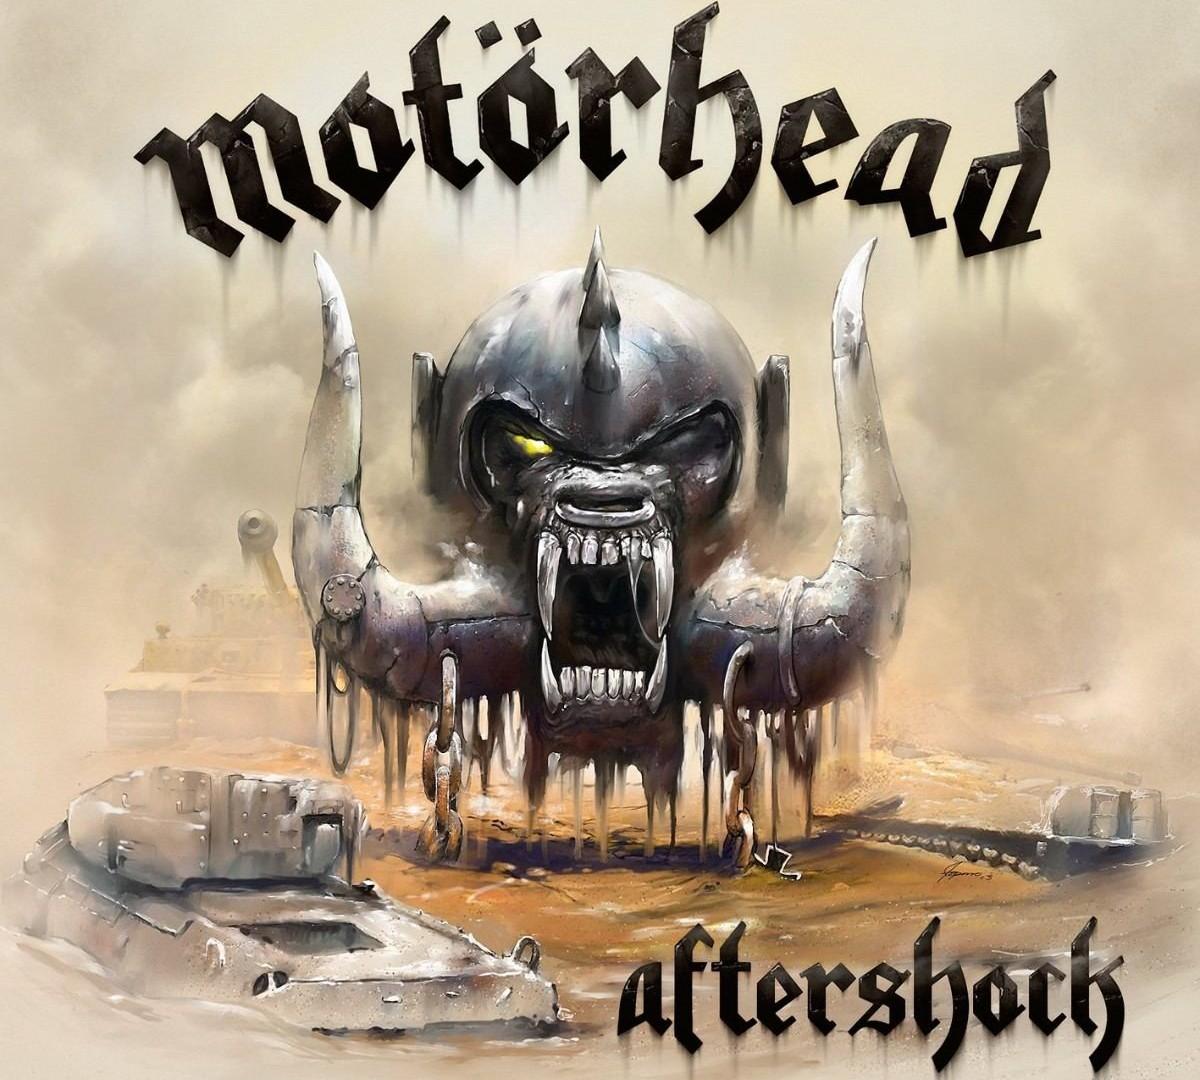 motorhead-aftershock-2013